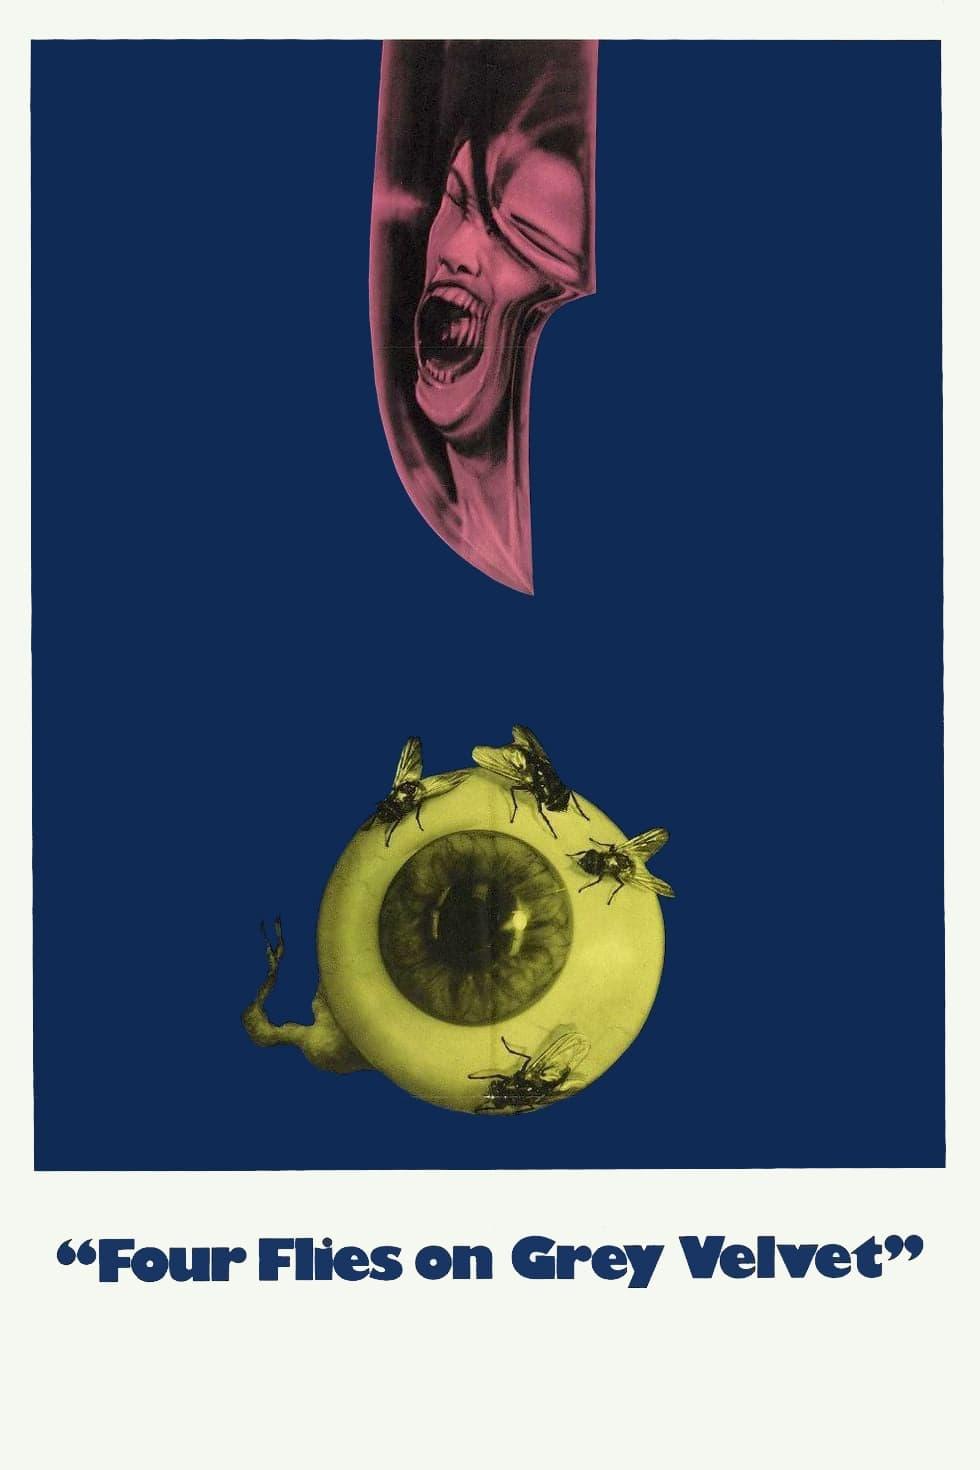 Four Flies on Grey Velvet (1972)